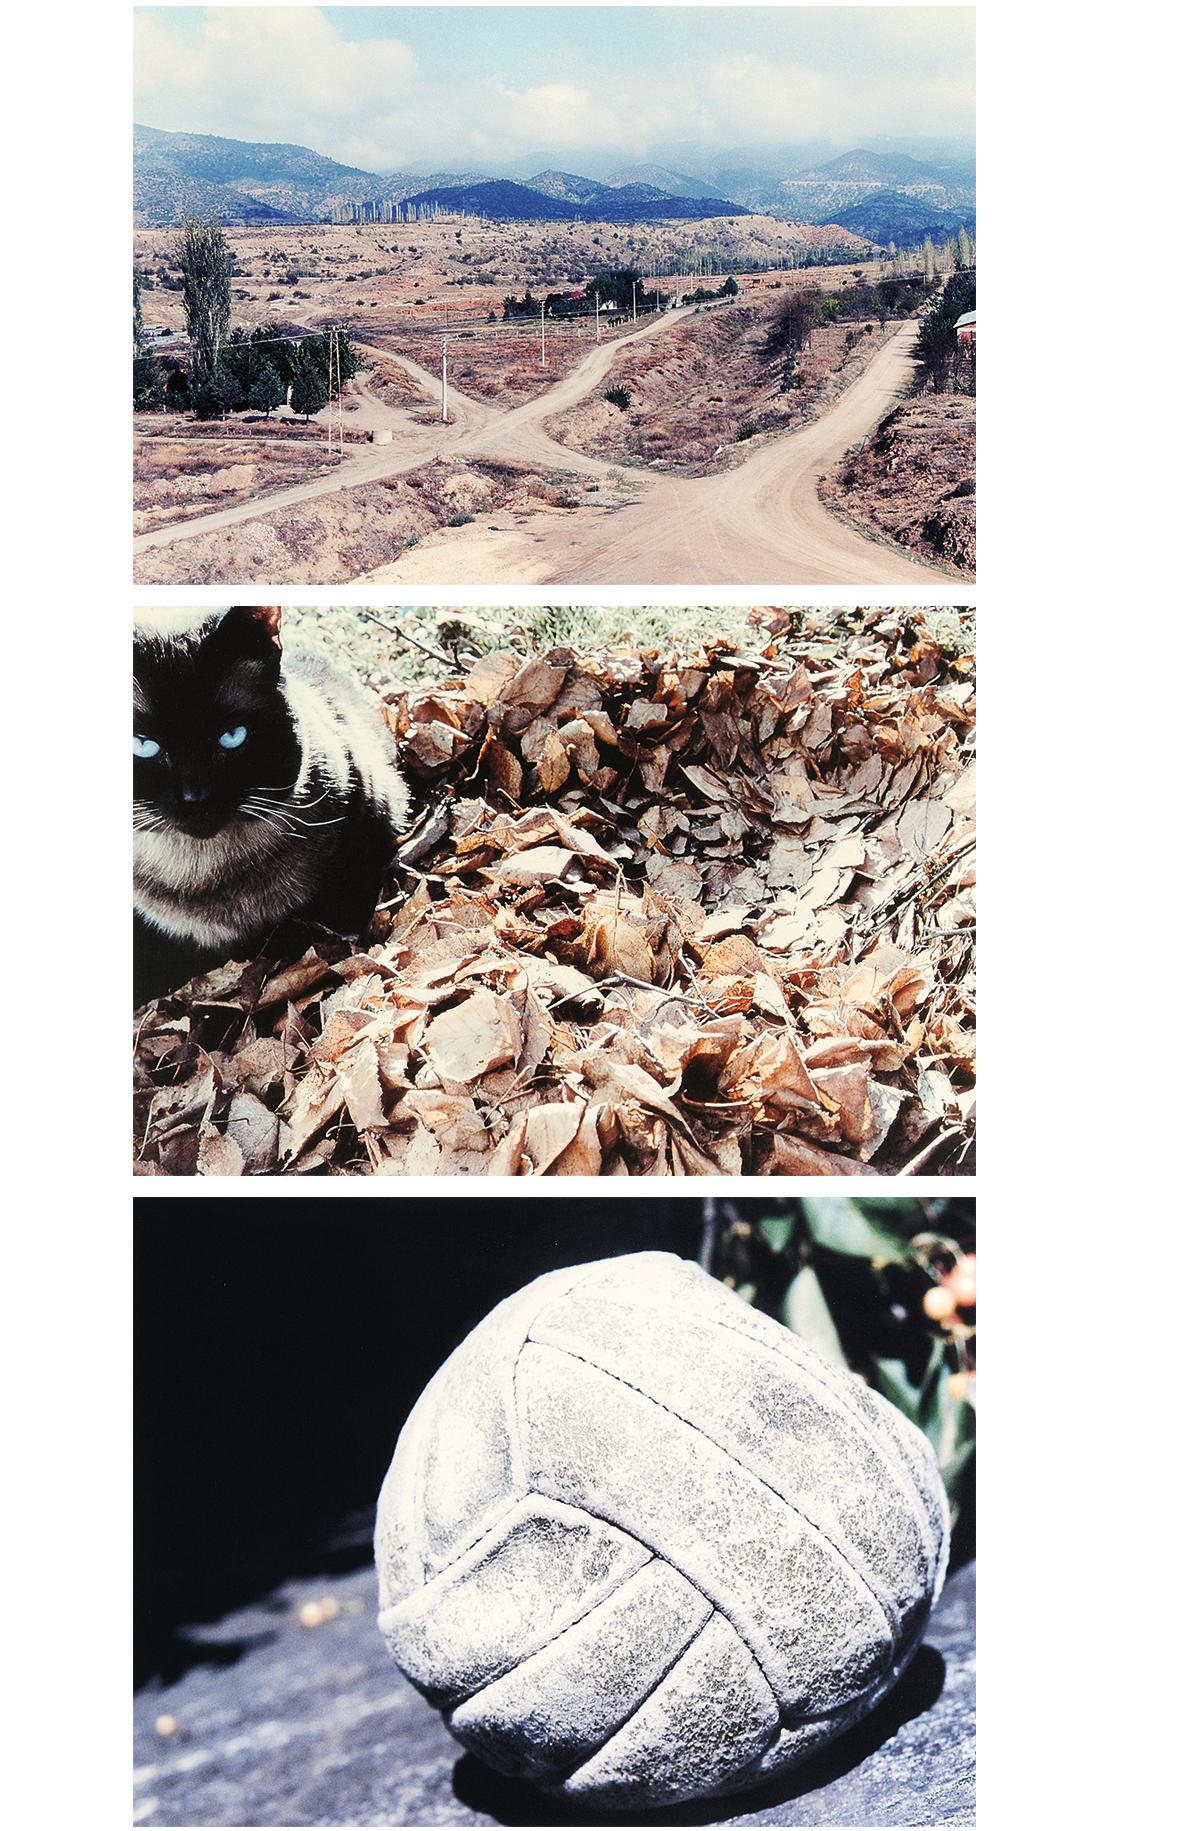 Keiser Daniela, 3 photographs: Eine Strasse, 2004; Der Ball, 2005; Fremdes Mesl